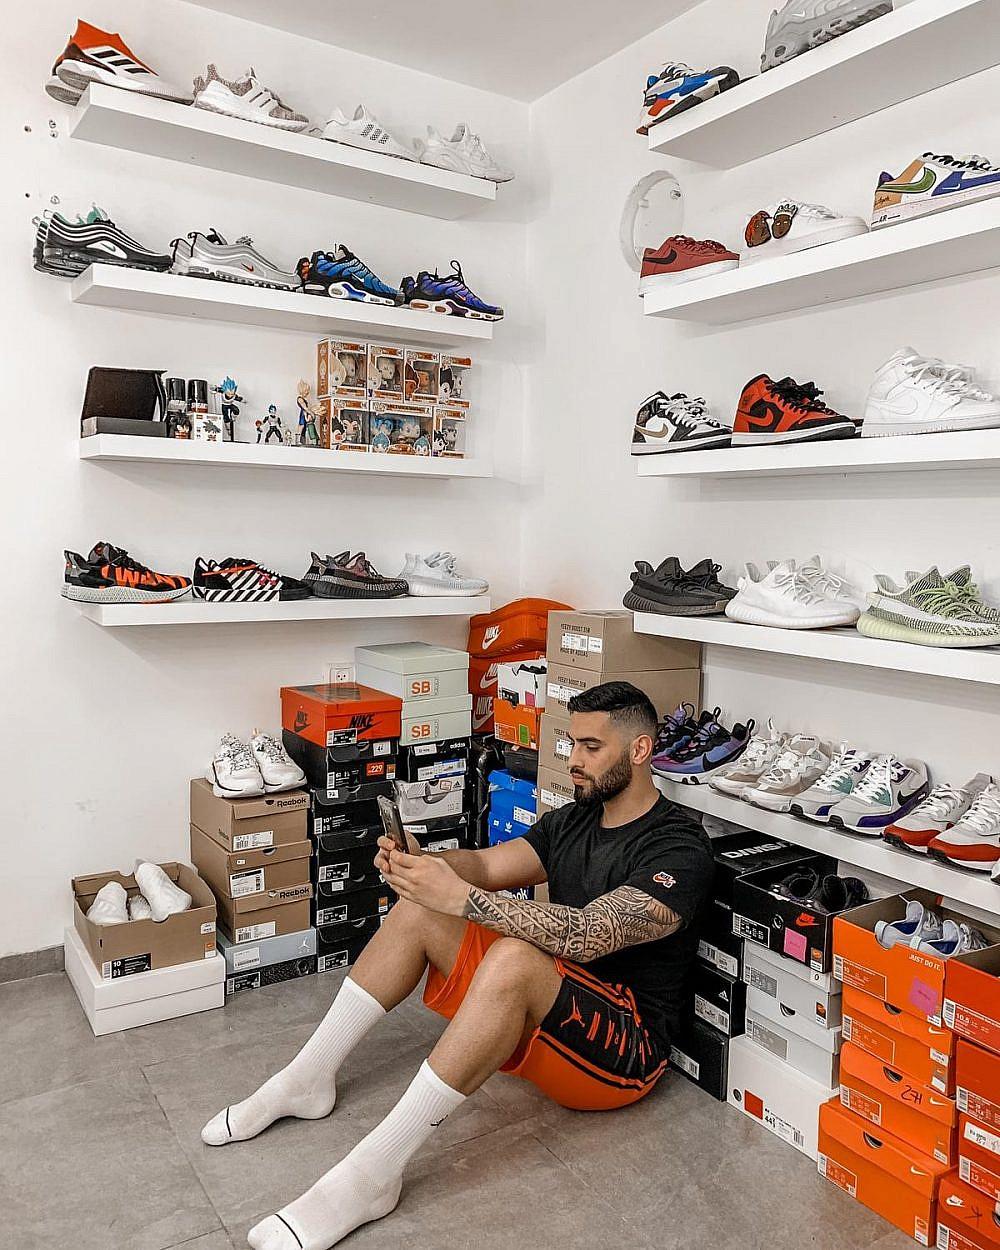 דן מנקו, אחד משני מנהלי Sneakers group Israel וחלק מהאוסף הפרטי שלו